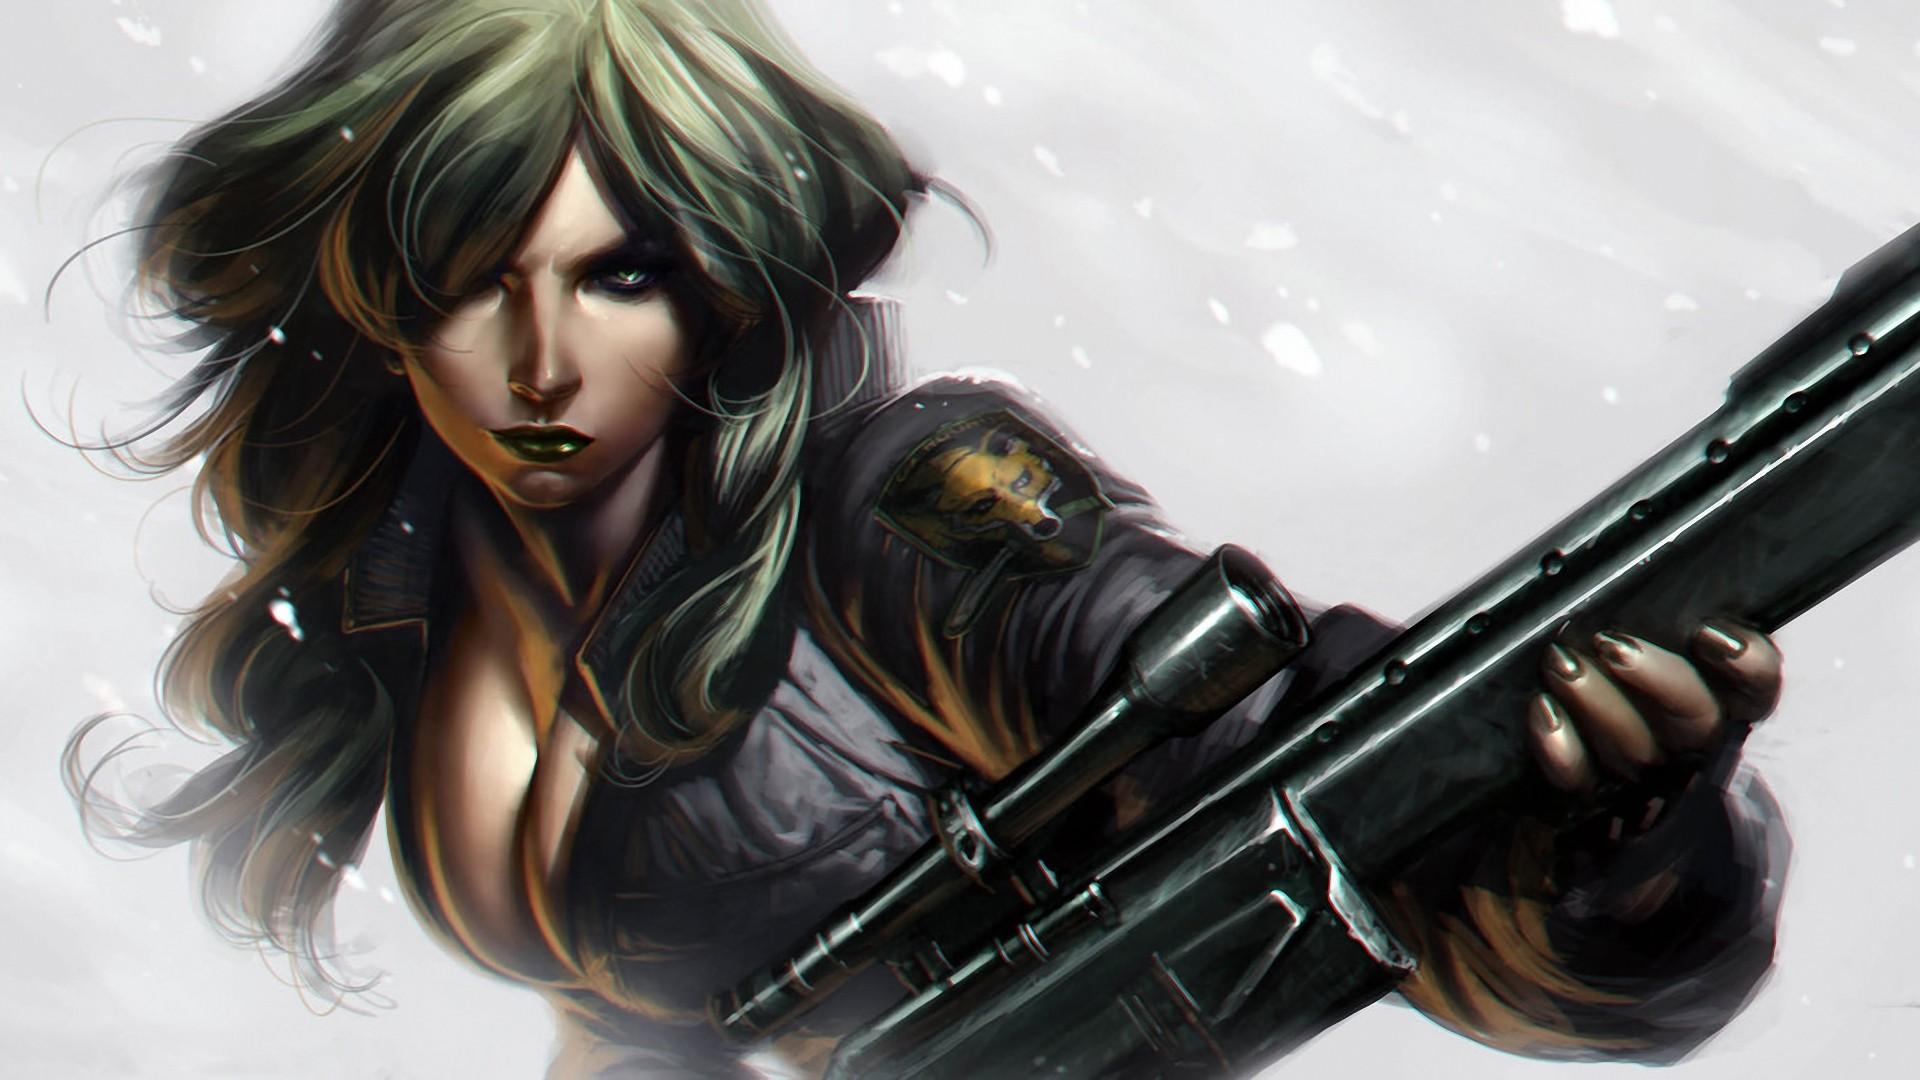 Metal Gear Solid 10 - PS4Wallpapers.com